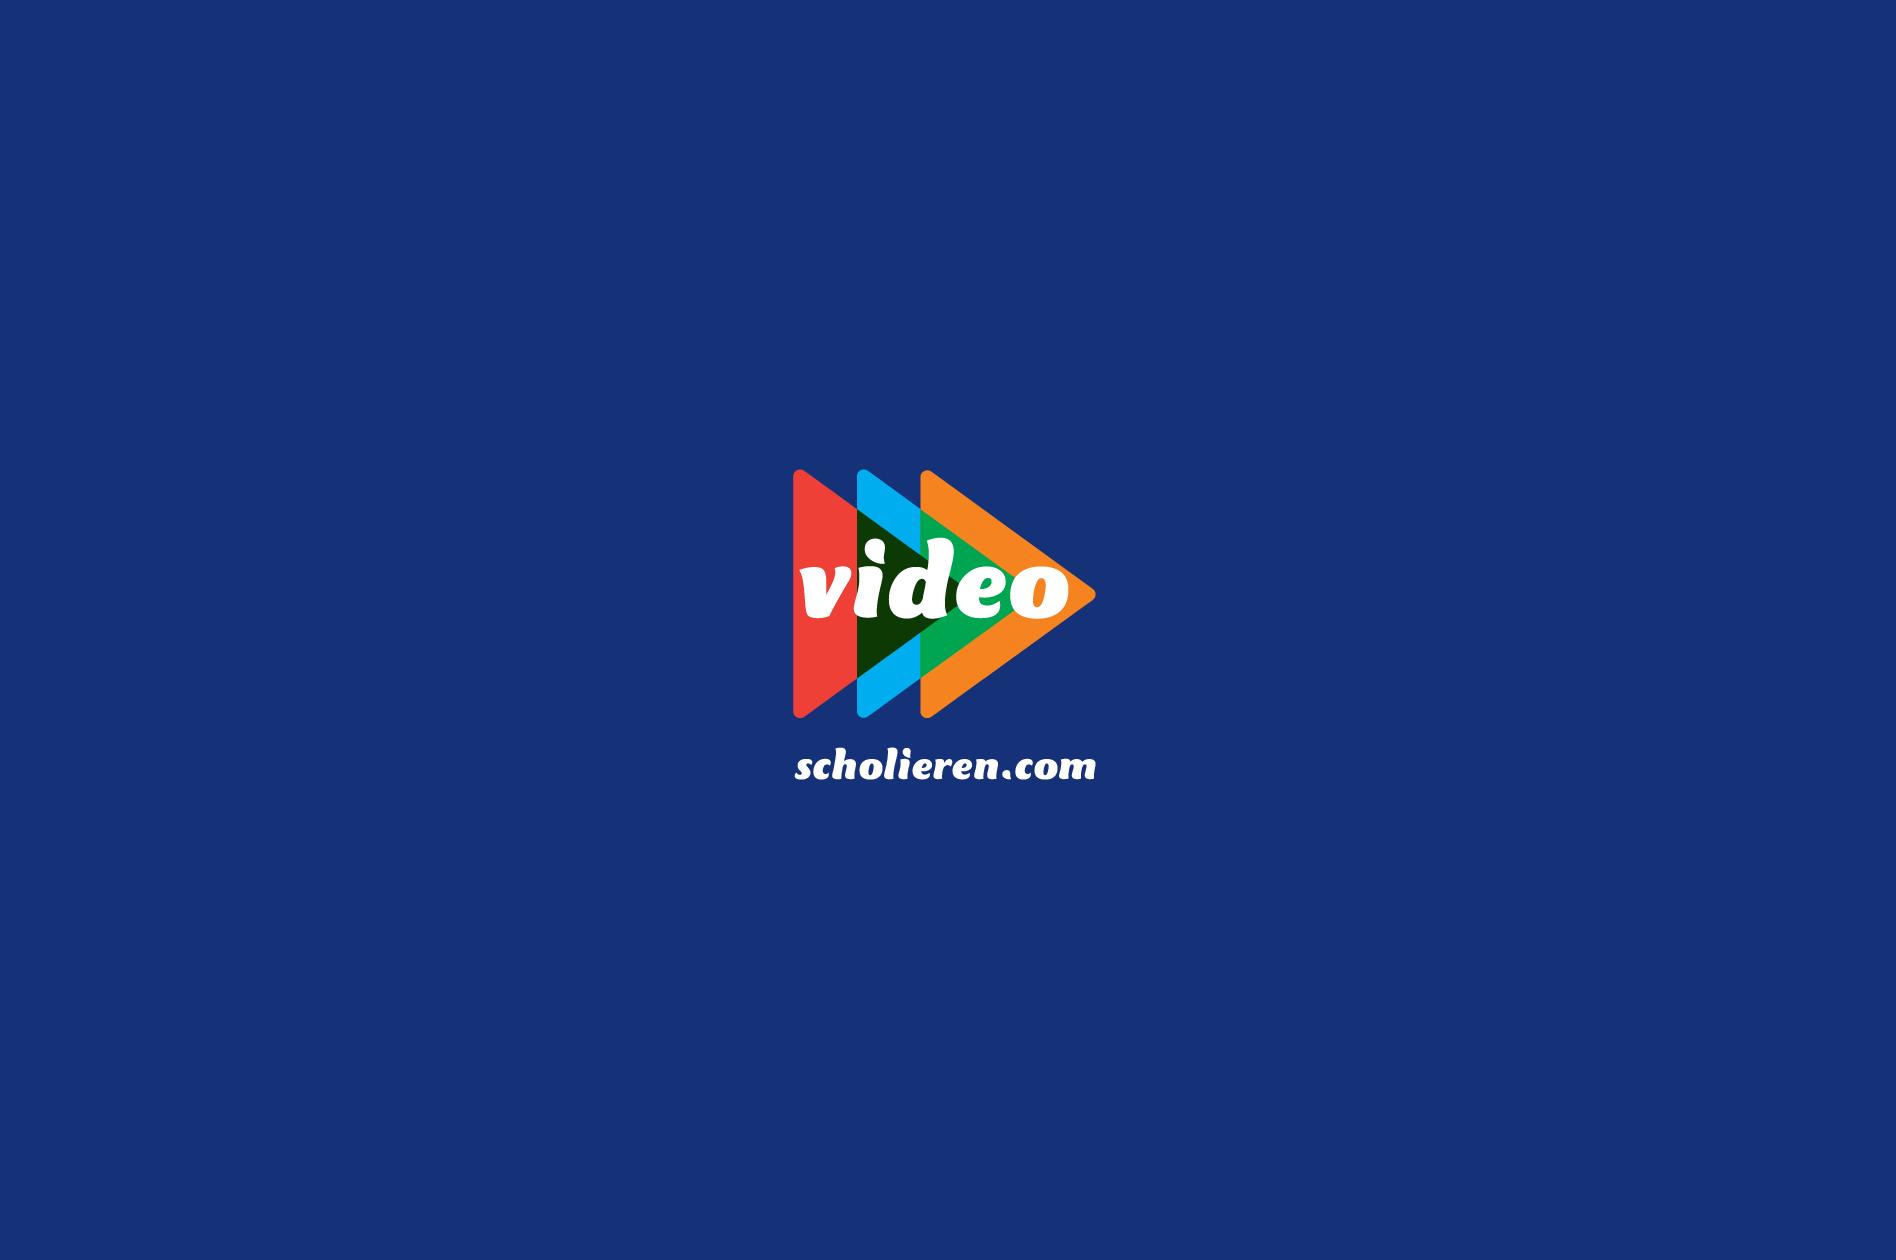 willem_verweijen_logo_2.png